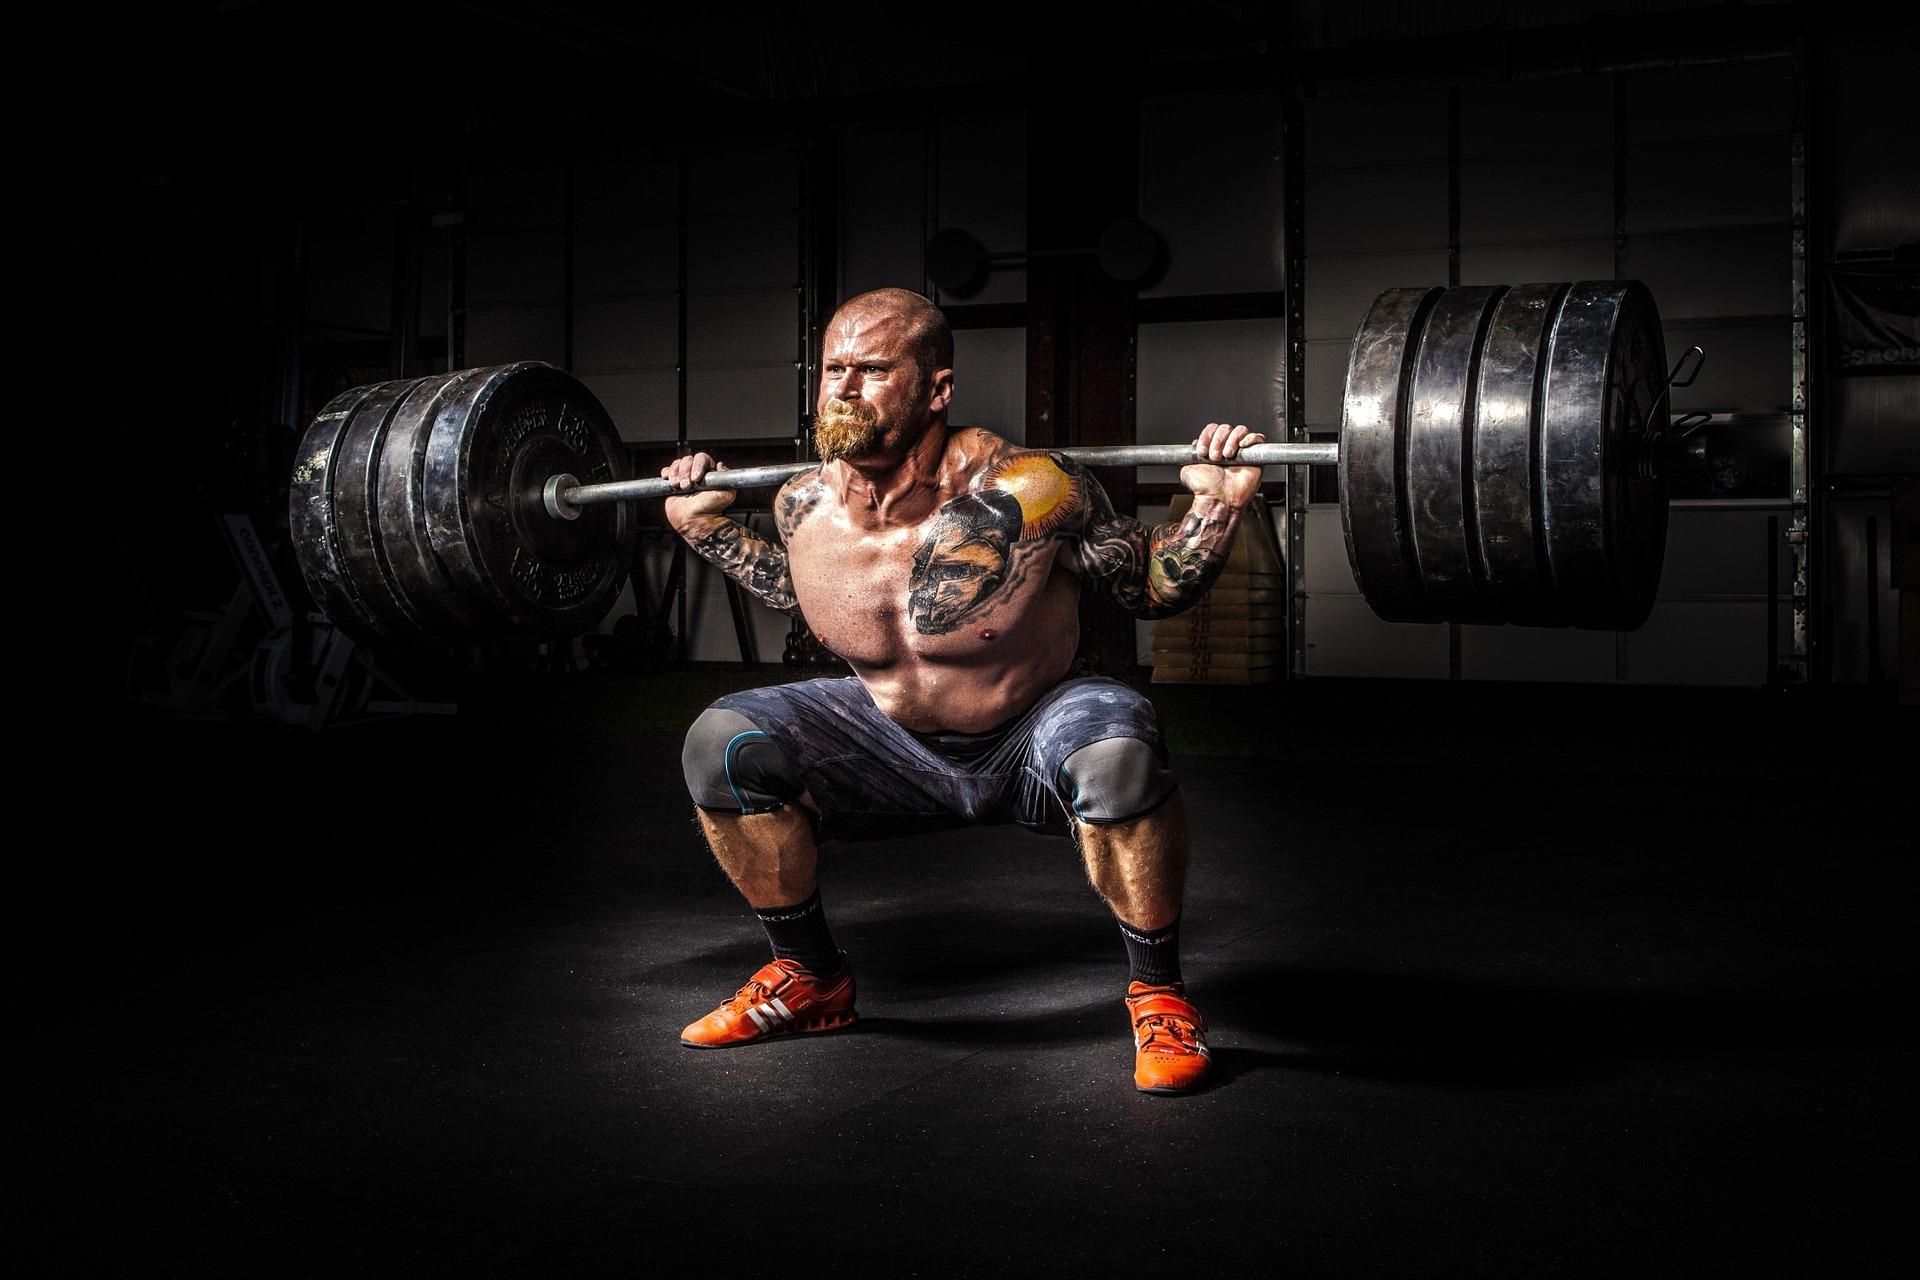 Consejos que debes seguir para aumentar tu fuerza y masa muscular